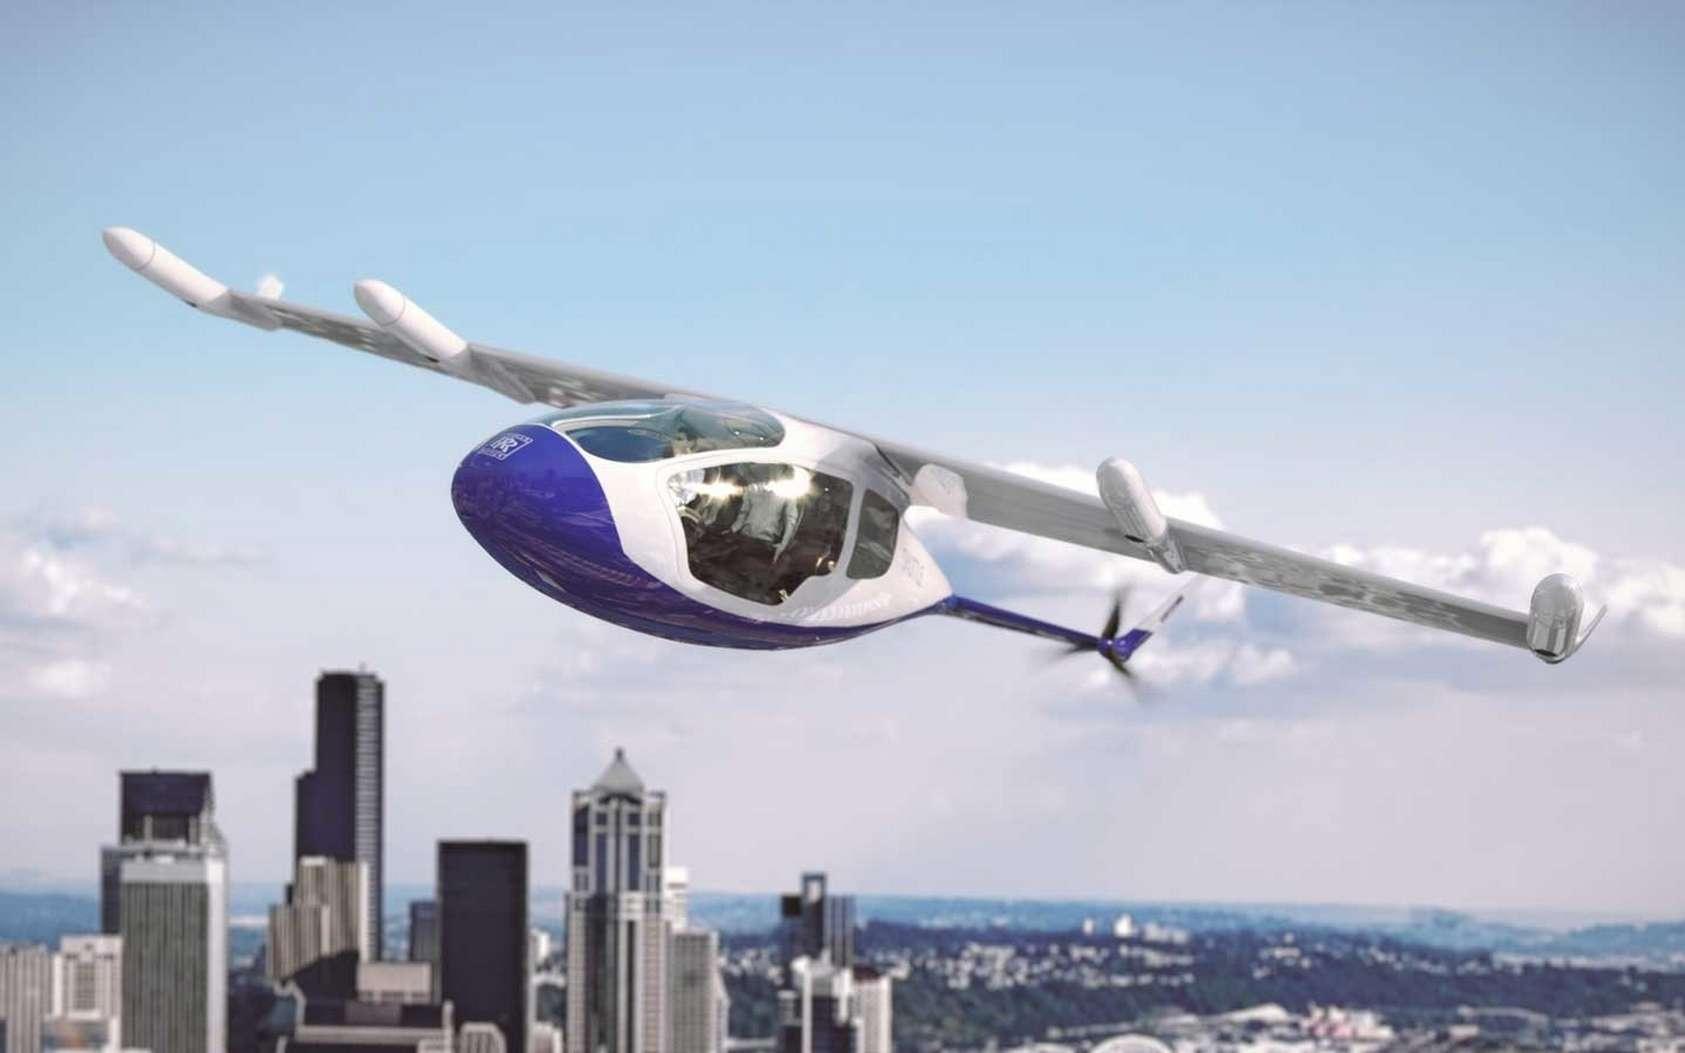 Le concept de taxi volant électrique EVTOL de Rolls-Royce. © Rolls-Royce